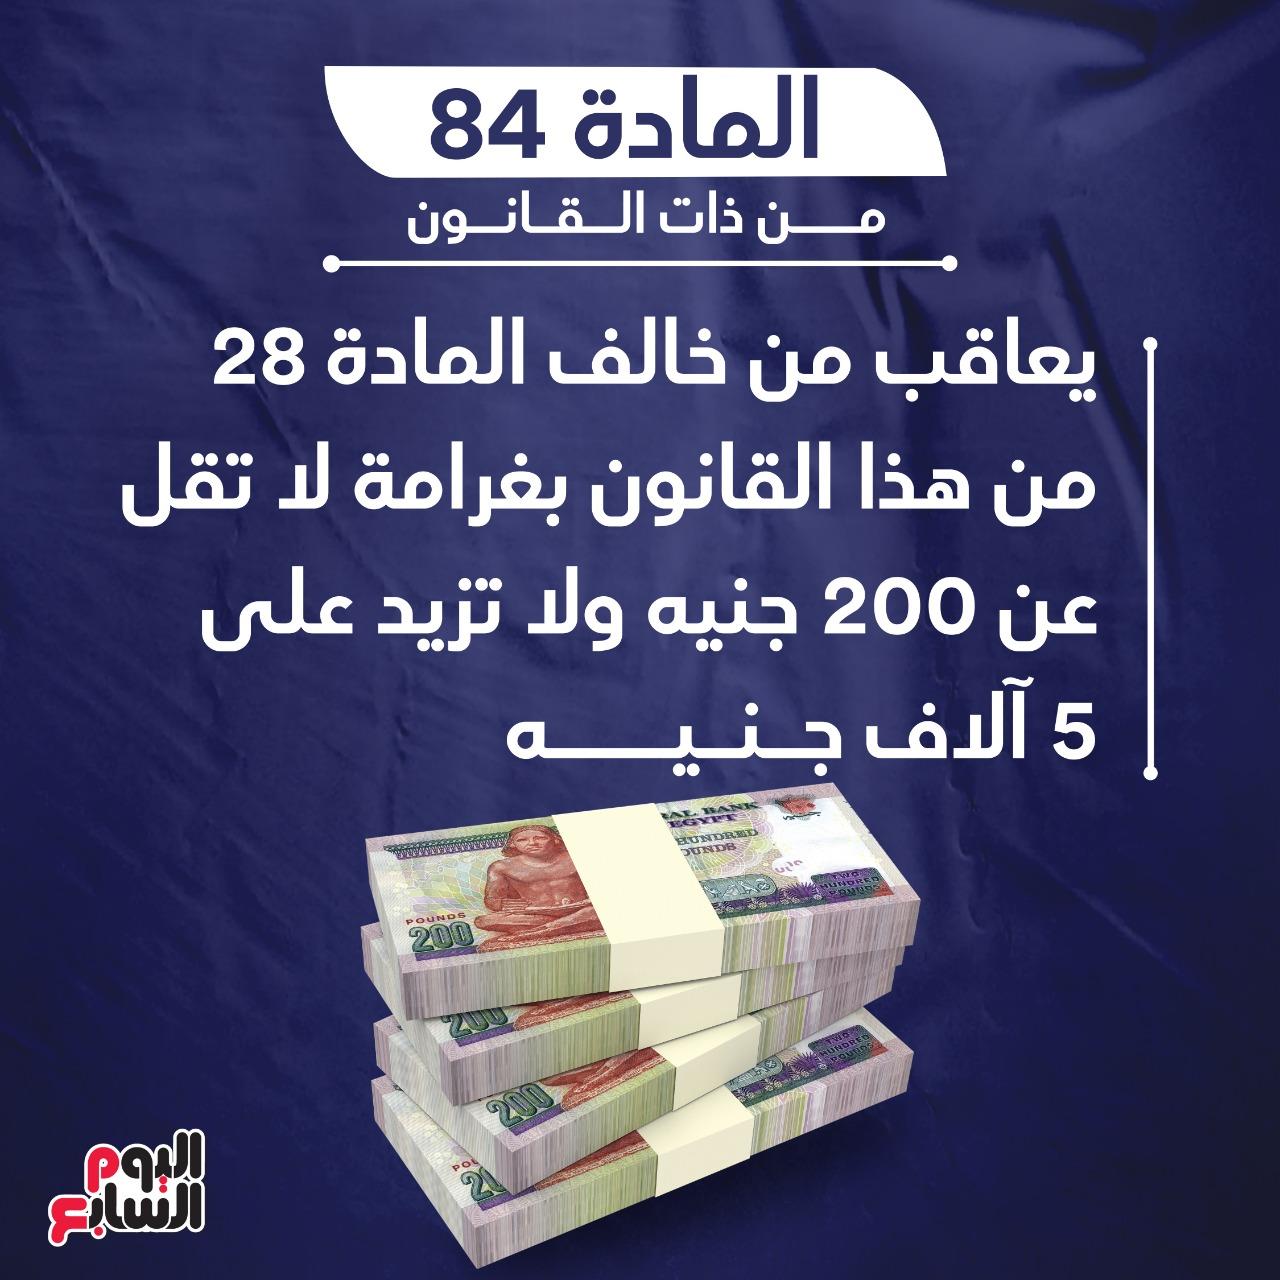 السجن 7 سنوات عقوبة واقعة السحل فى الإسكندرية (6)